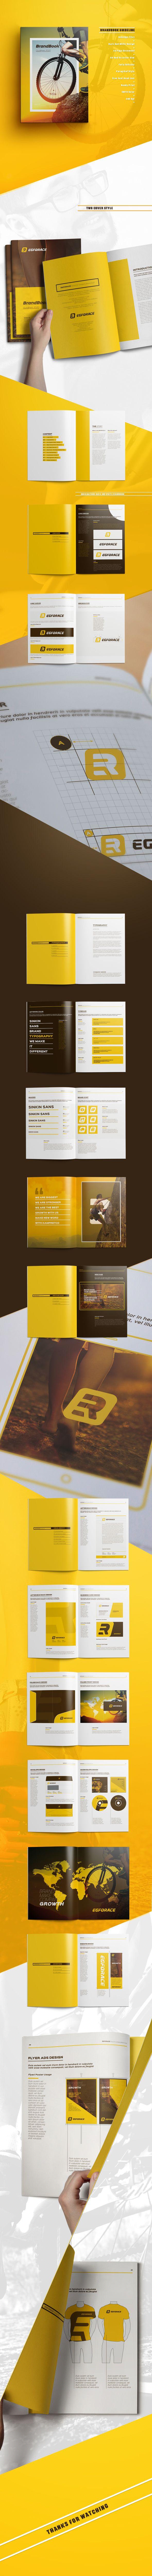 """Check out this @Behance project: """"BrandBook"""" https://www.behance.net/gallery/31665207/BrandBook"""